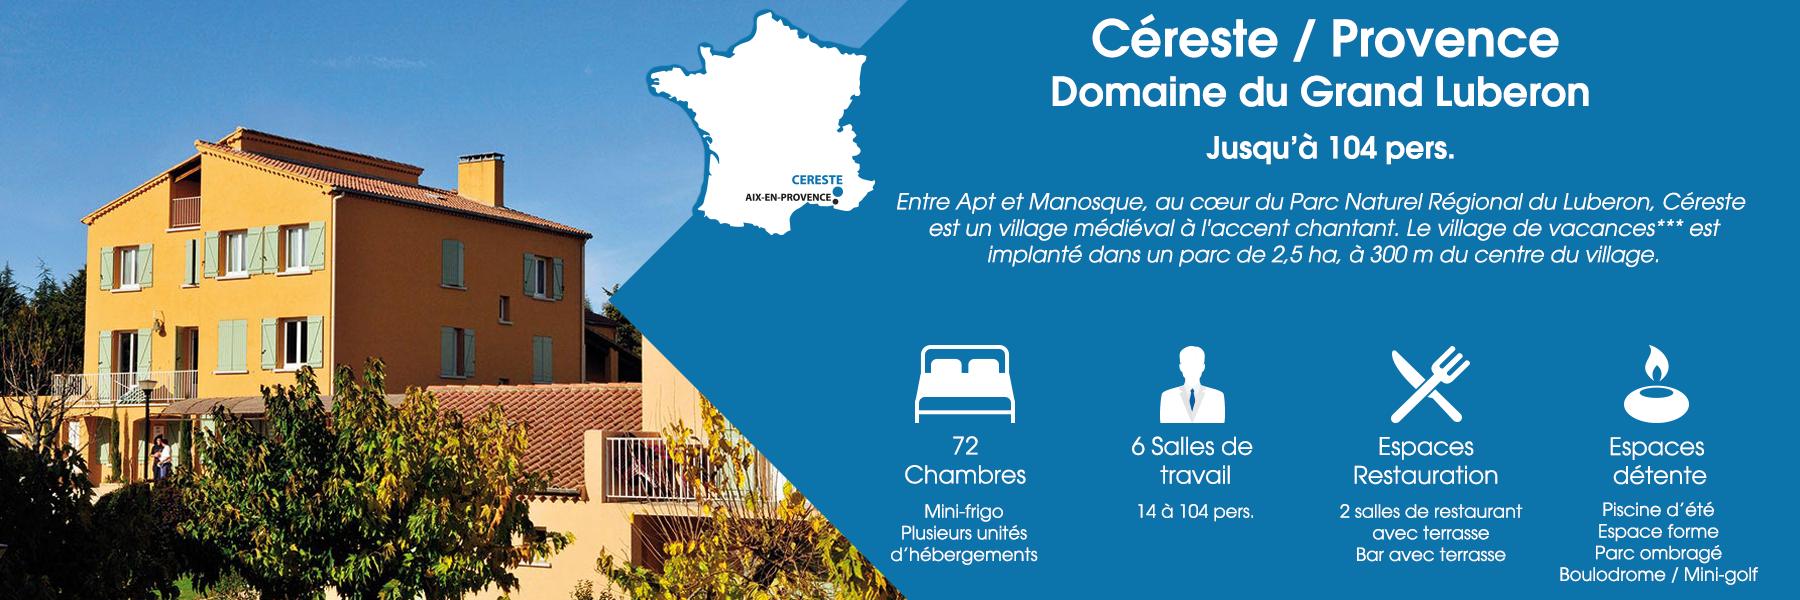 Le Domaine du Grand Luberon à Céreste, en Provence, peut accueillir jusqu'à 104 personnes. Entre Apt et Manosque, au cœur du Parc Naturel Régional du Luberon, Céreste est un village médiéval à l'accent chantant. Le village de vacances*** est implanté dans un parc de 2,5 ha, à 300 m du centre du village. Ce domaine est composé de 72 chambres disposées en plusieurs unités d'hébergements (avec mini-frigo), de 6 salles de travail (de 14 à 104 personnes), d'espaces de restauration (deux salles de restaurant avec terrasse et un bar avec terrasse) et d'espaces de détente (une piscine d'été, un espace forme, un parc ombragé, un boulodrome et un mini-golf).